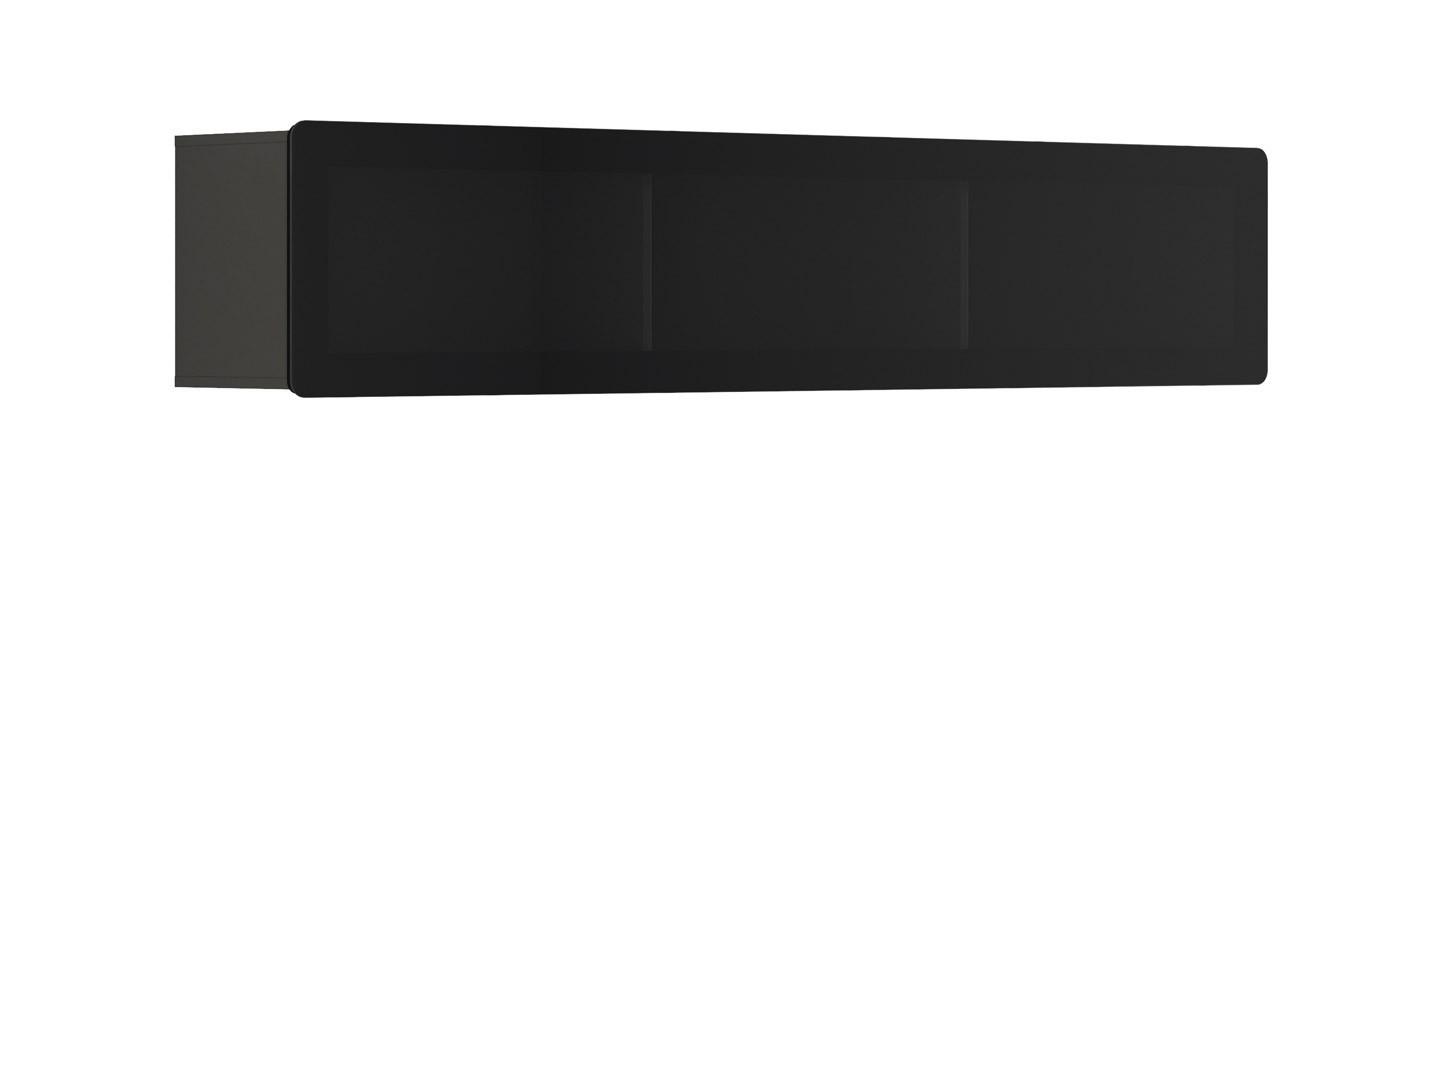 Vitrína na zeď - BRW - Possi Light - SFW1WK/4/20 (šedý wolfram) (s osvětlením)